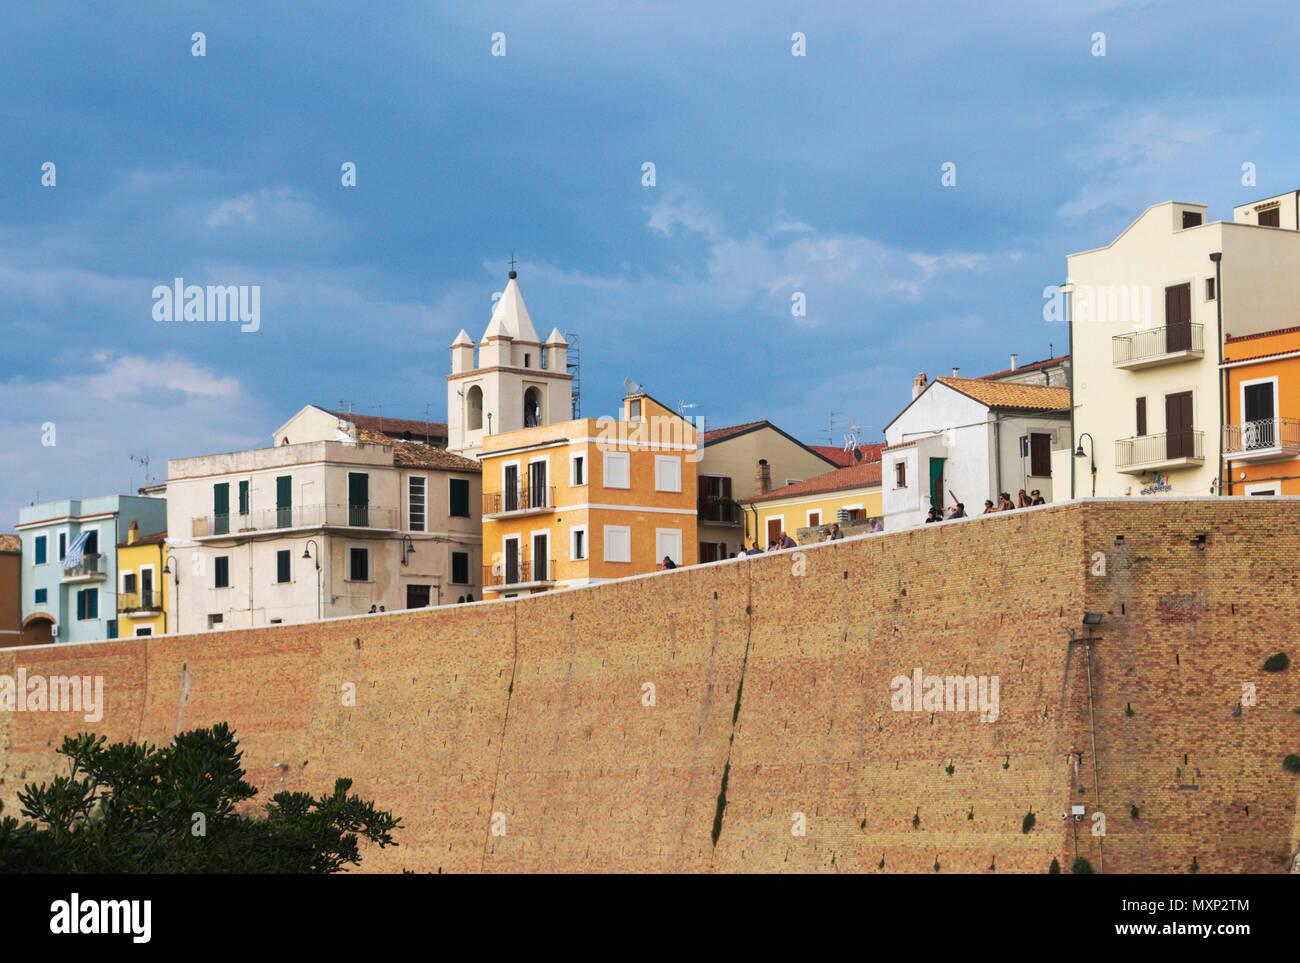 Termoli old town, Molise, Italy Stock Photo